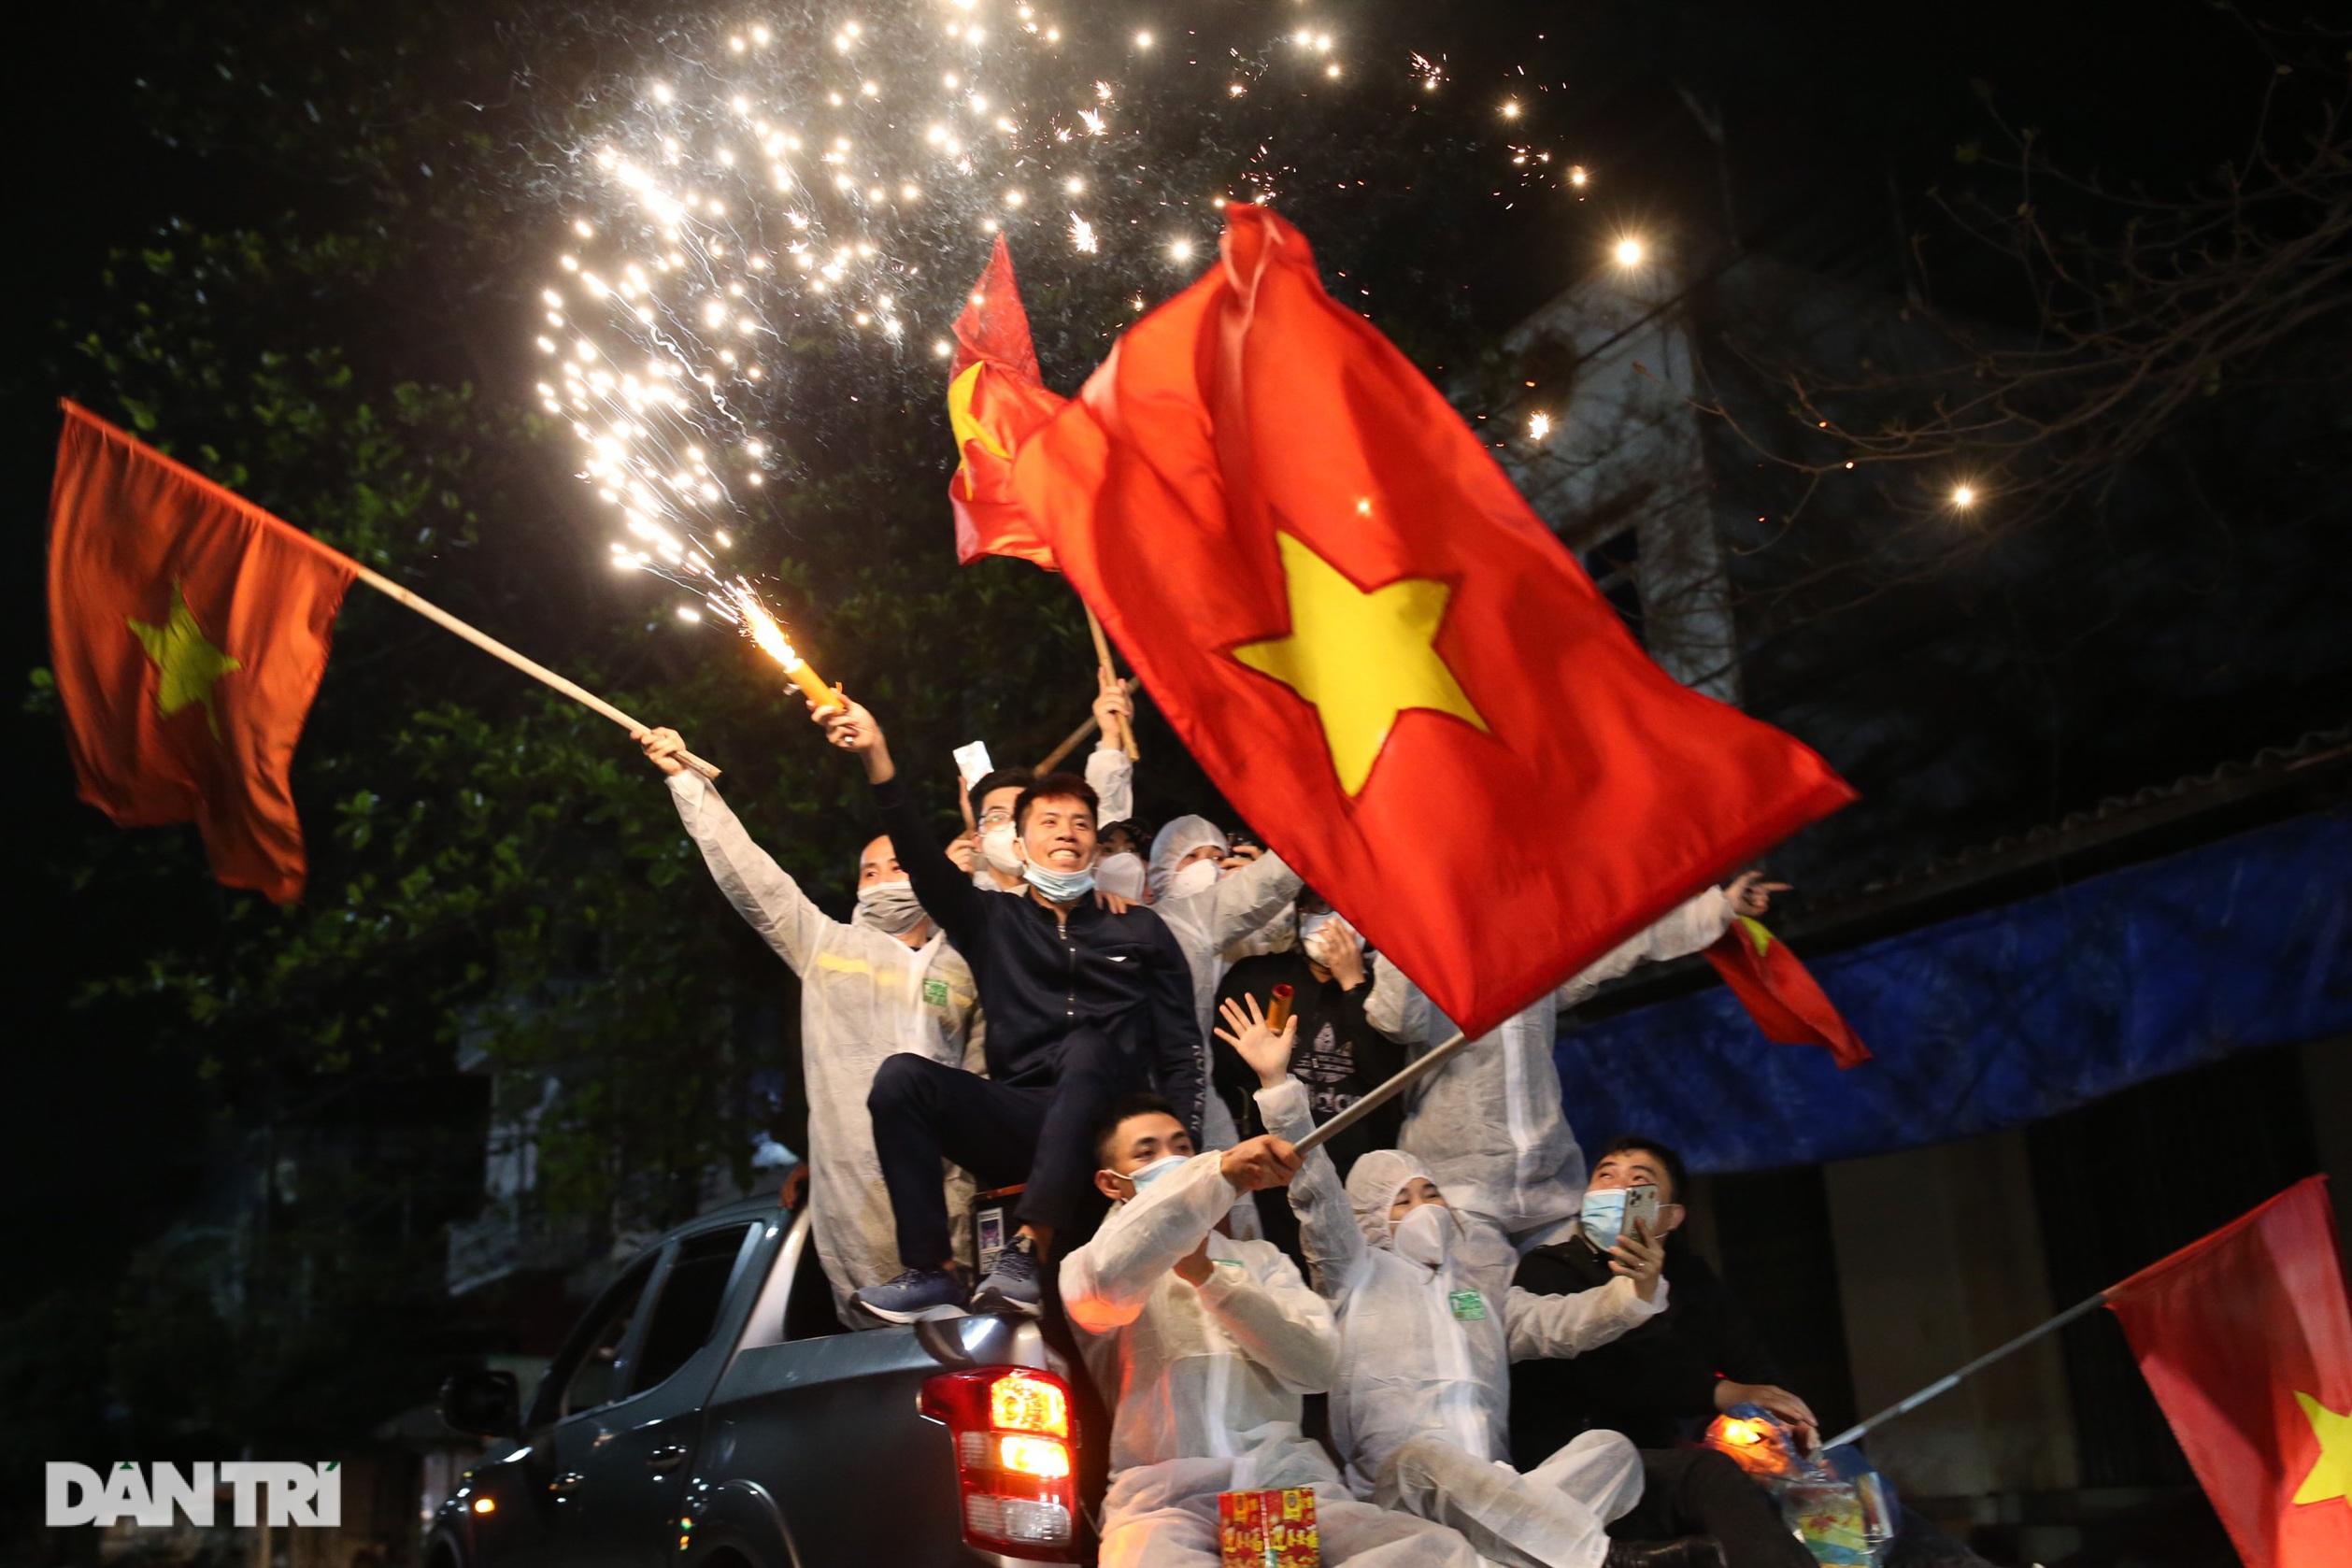 Pháo hoa rực rỡ, người dân vỡ òa cảm xúc khi TP Chí Linh được gỡ phong tỏa - Ảnh 14.